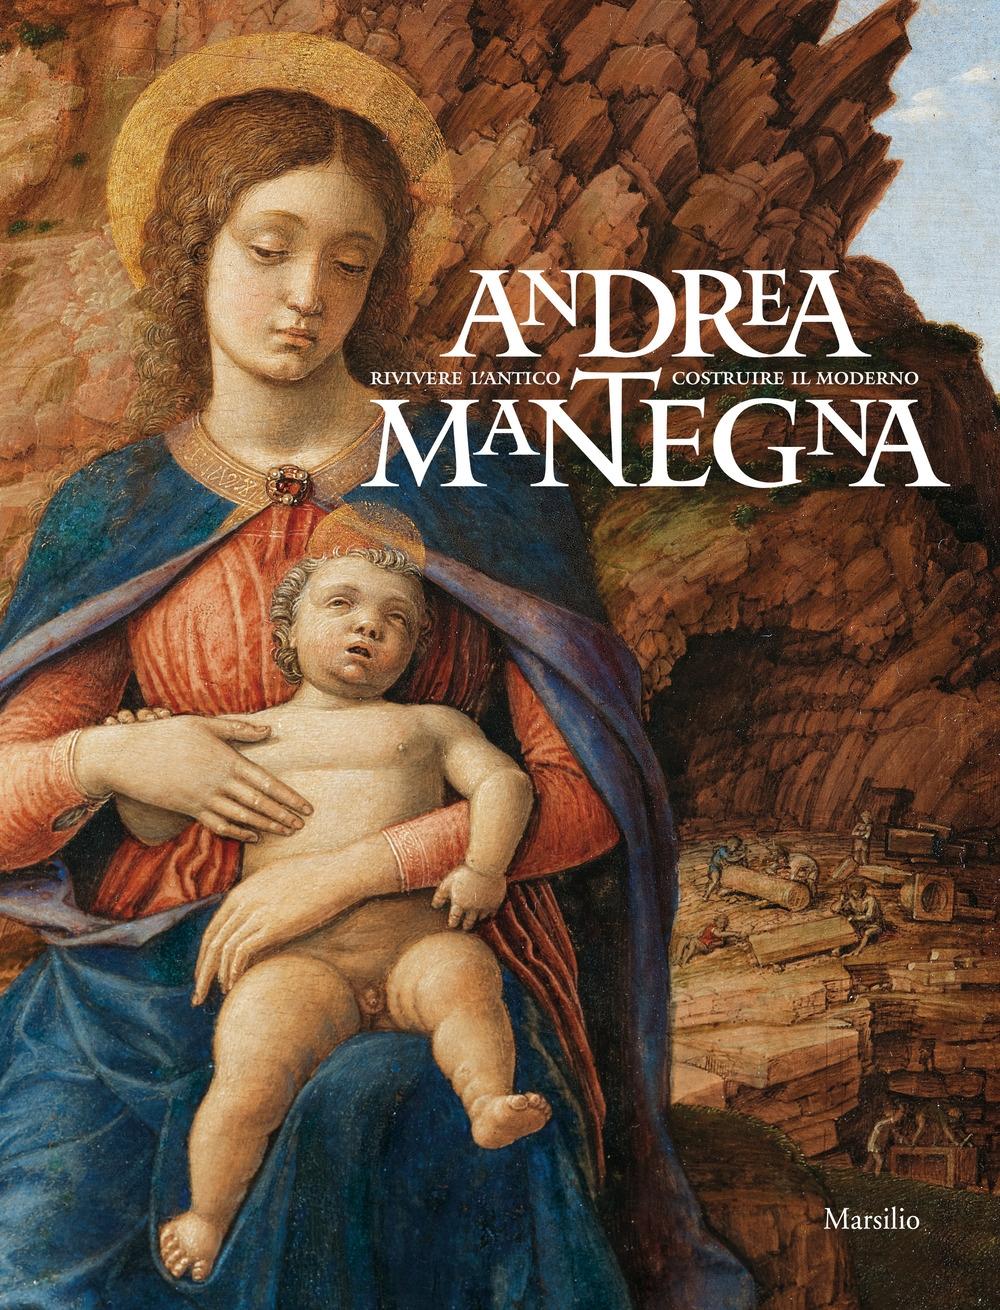 Andrea Mantegna. Rivivere l'antico costruire il moderno